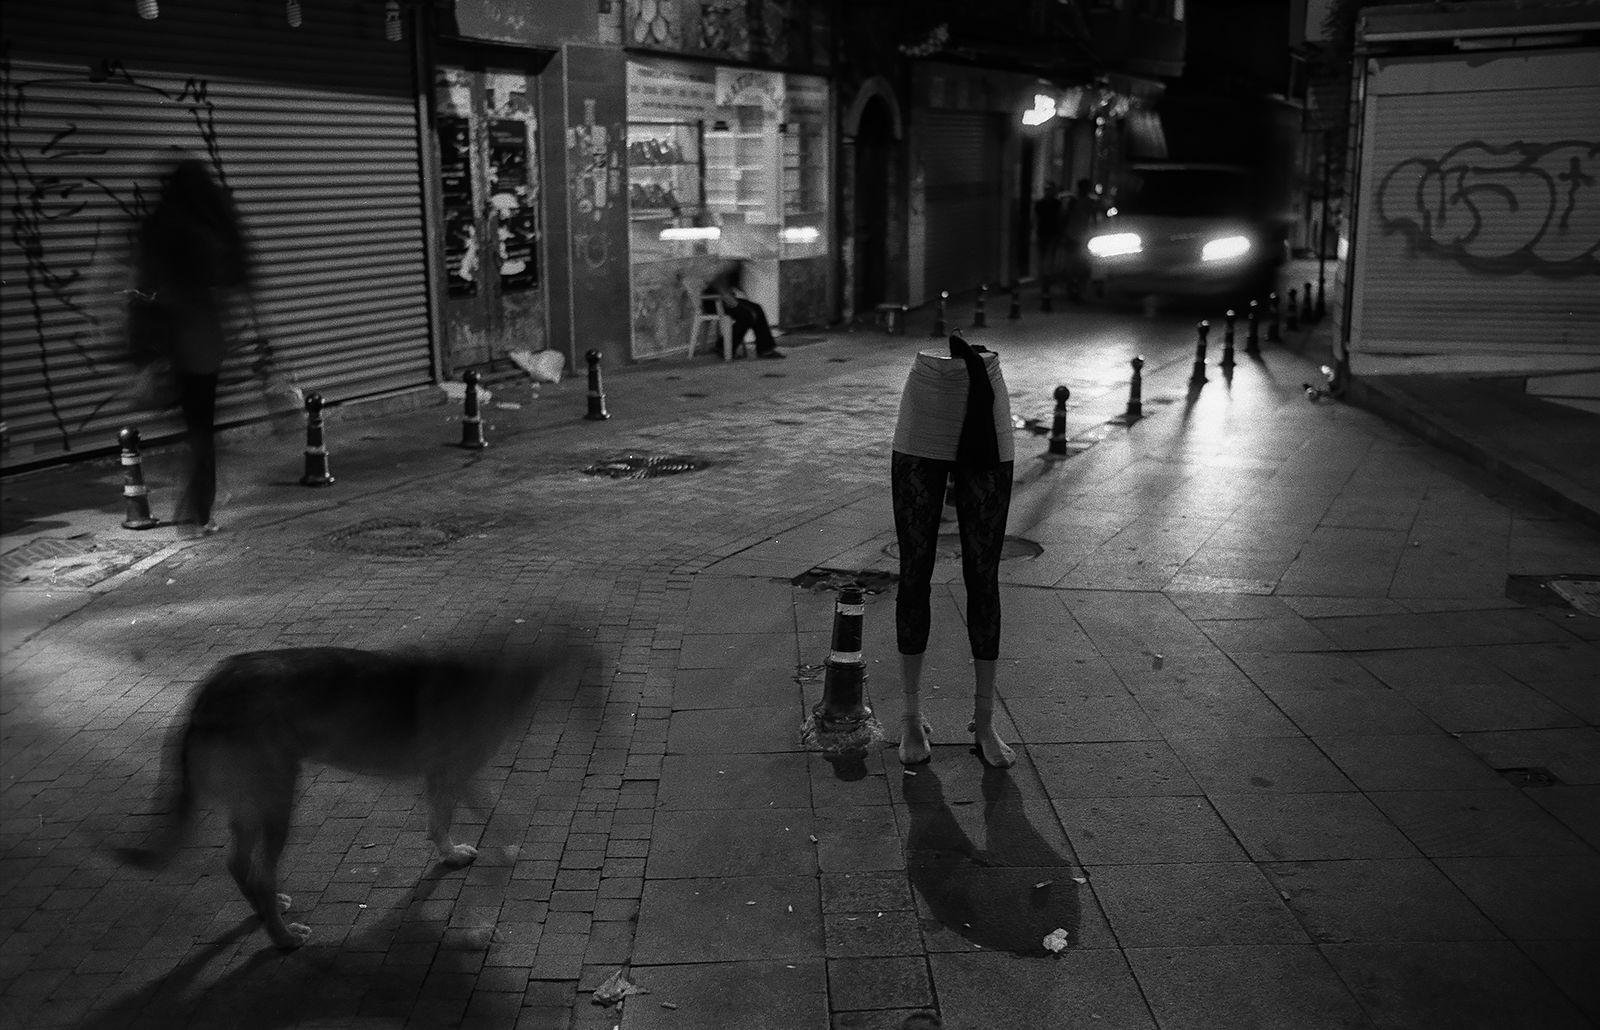 Евгений Сафьян. Manequin cities. Турция, Стамбул, 2010